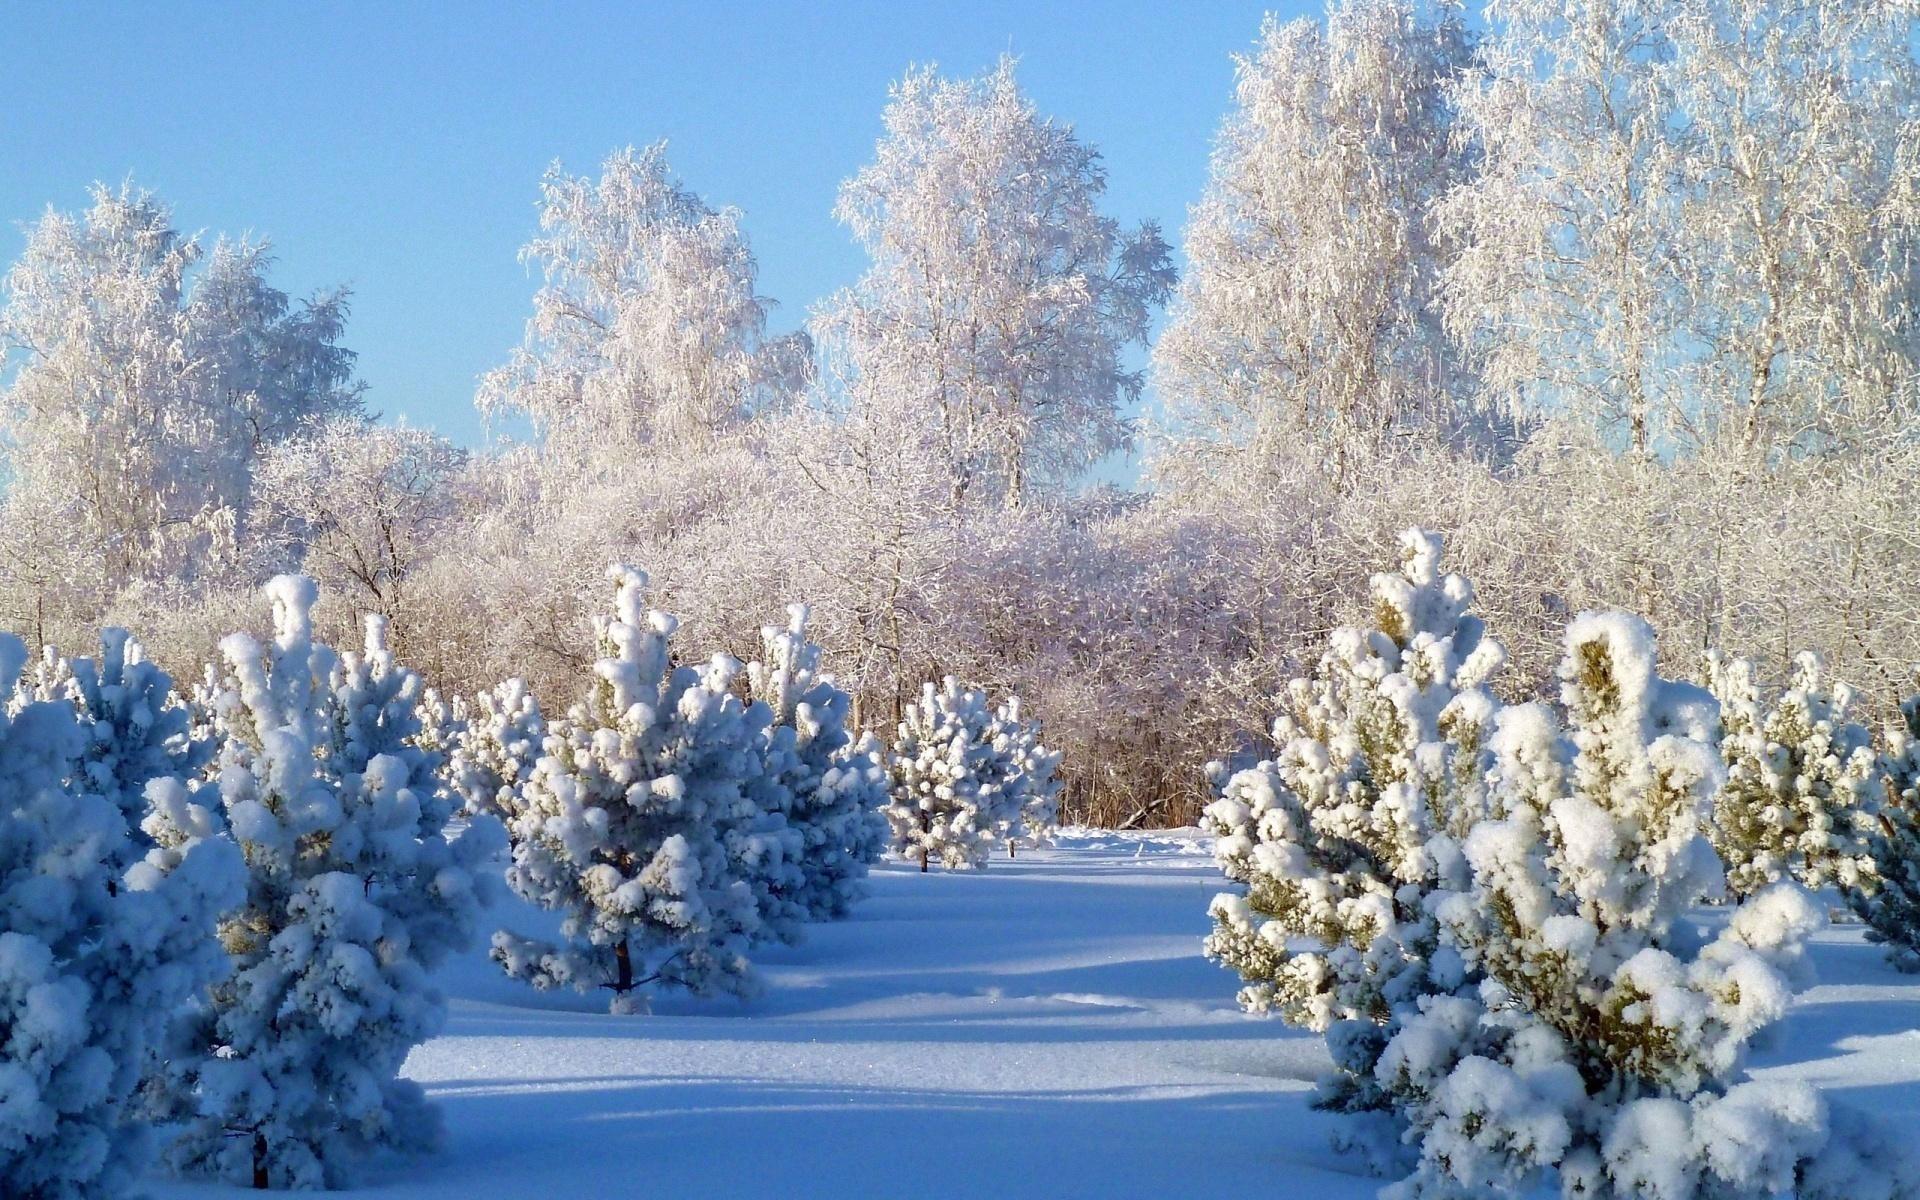 Картинки зимней тематики, день охраны красивые